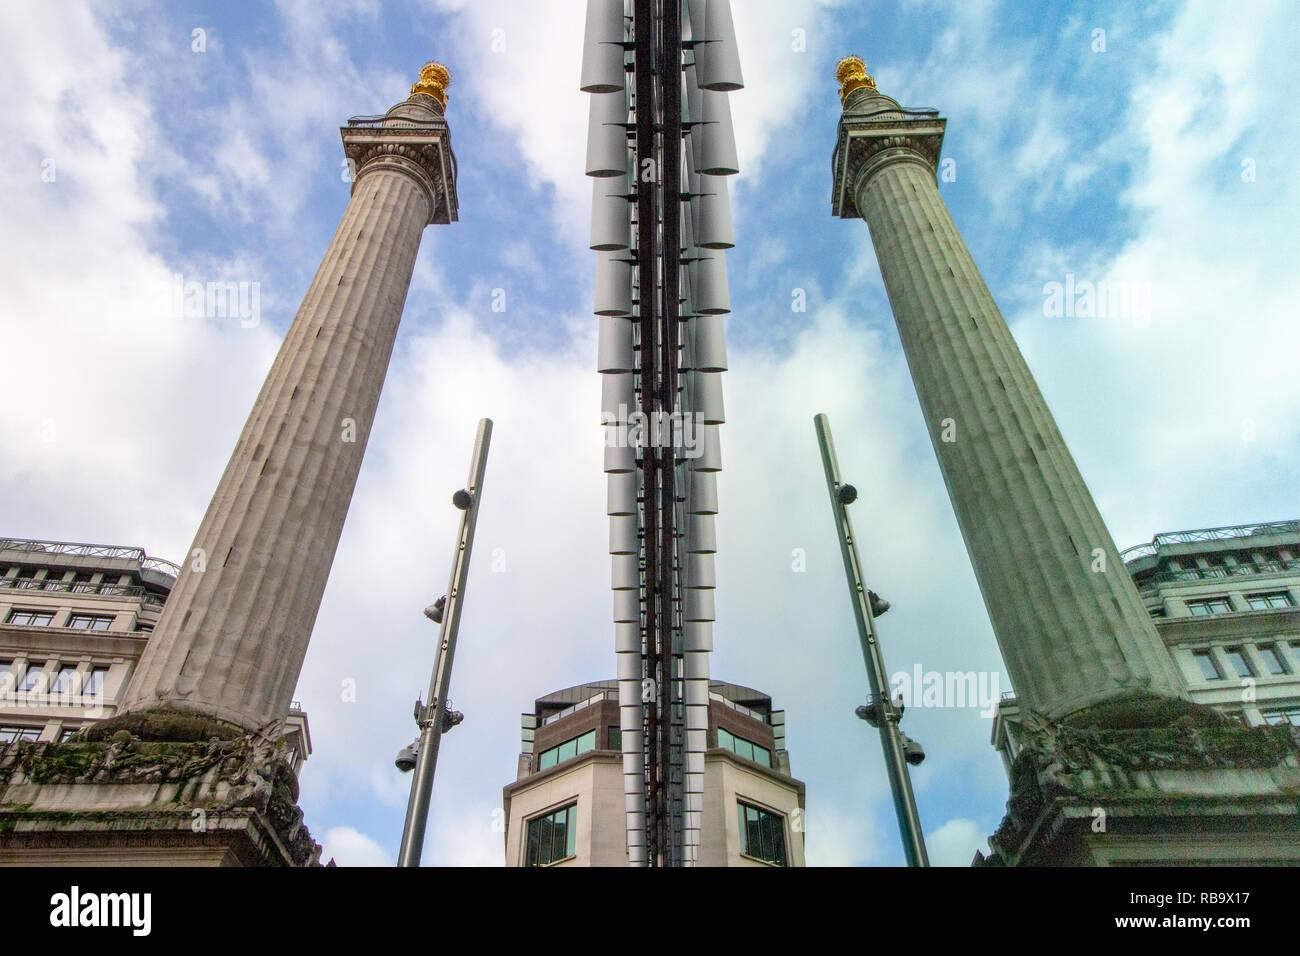 Das Denkmal für den großen Brand von London reflektiert in einem Büro. Stockbild